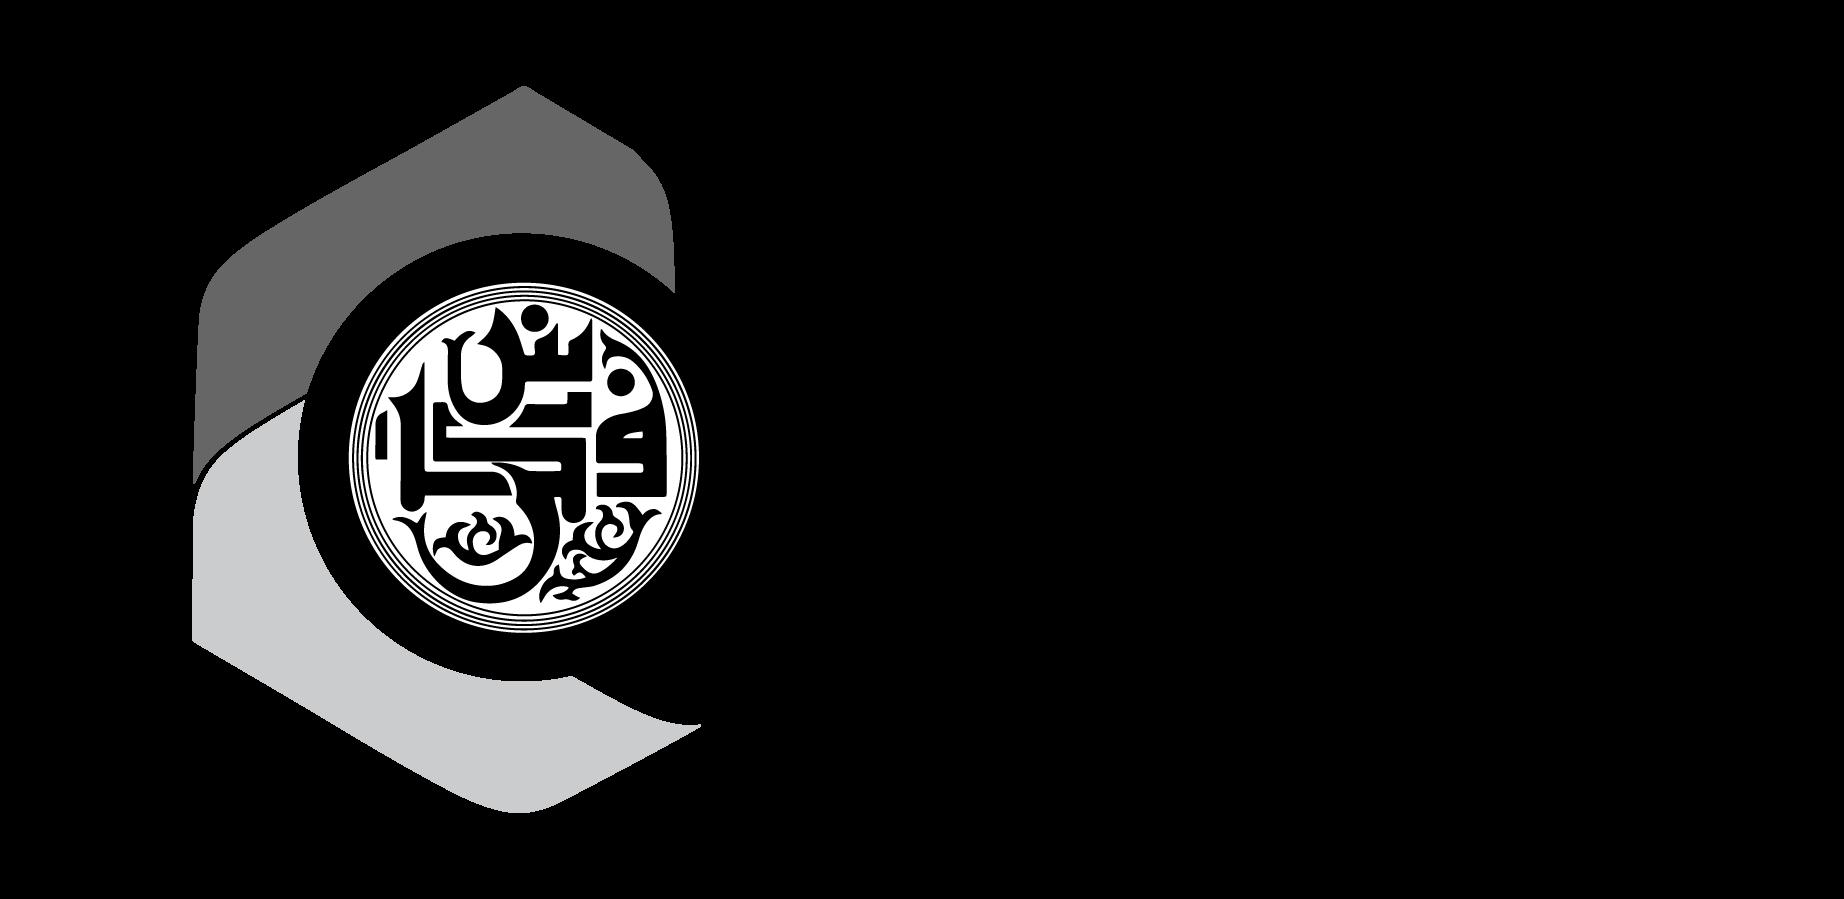 PERLU logo